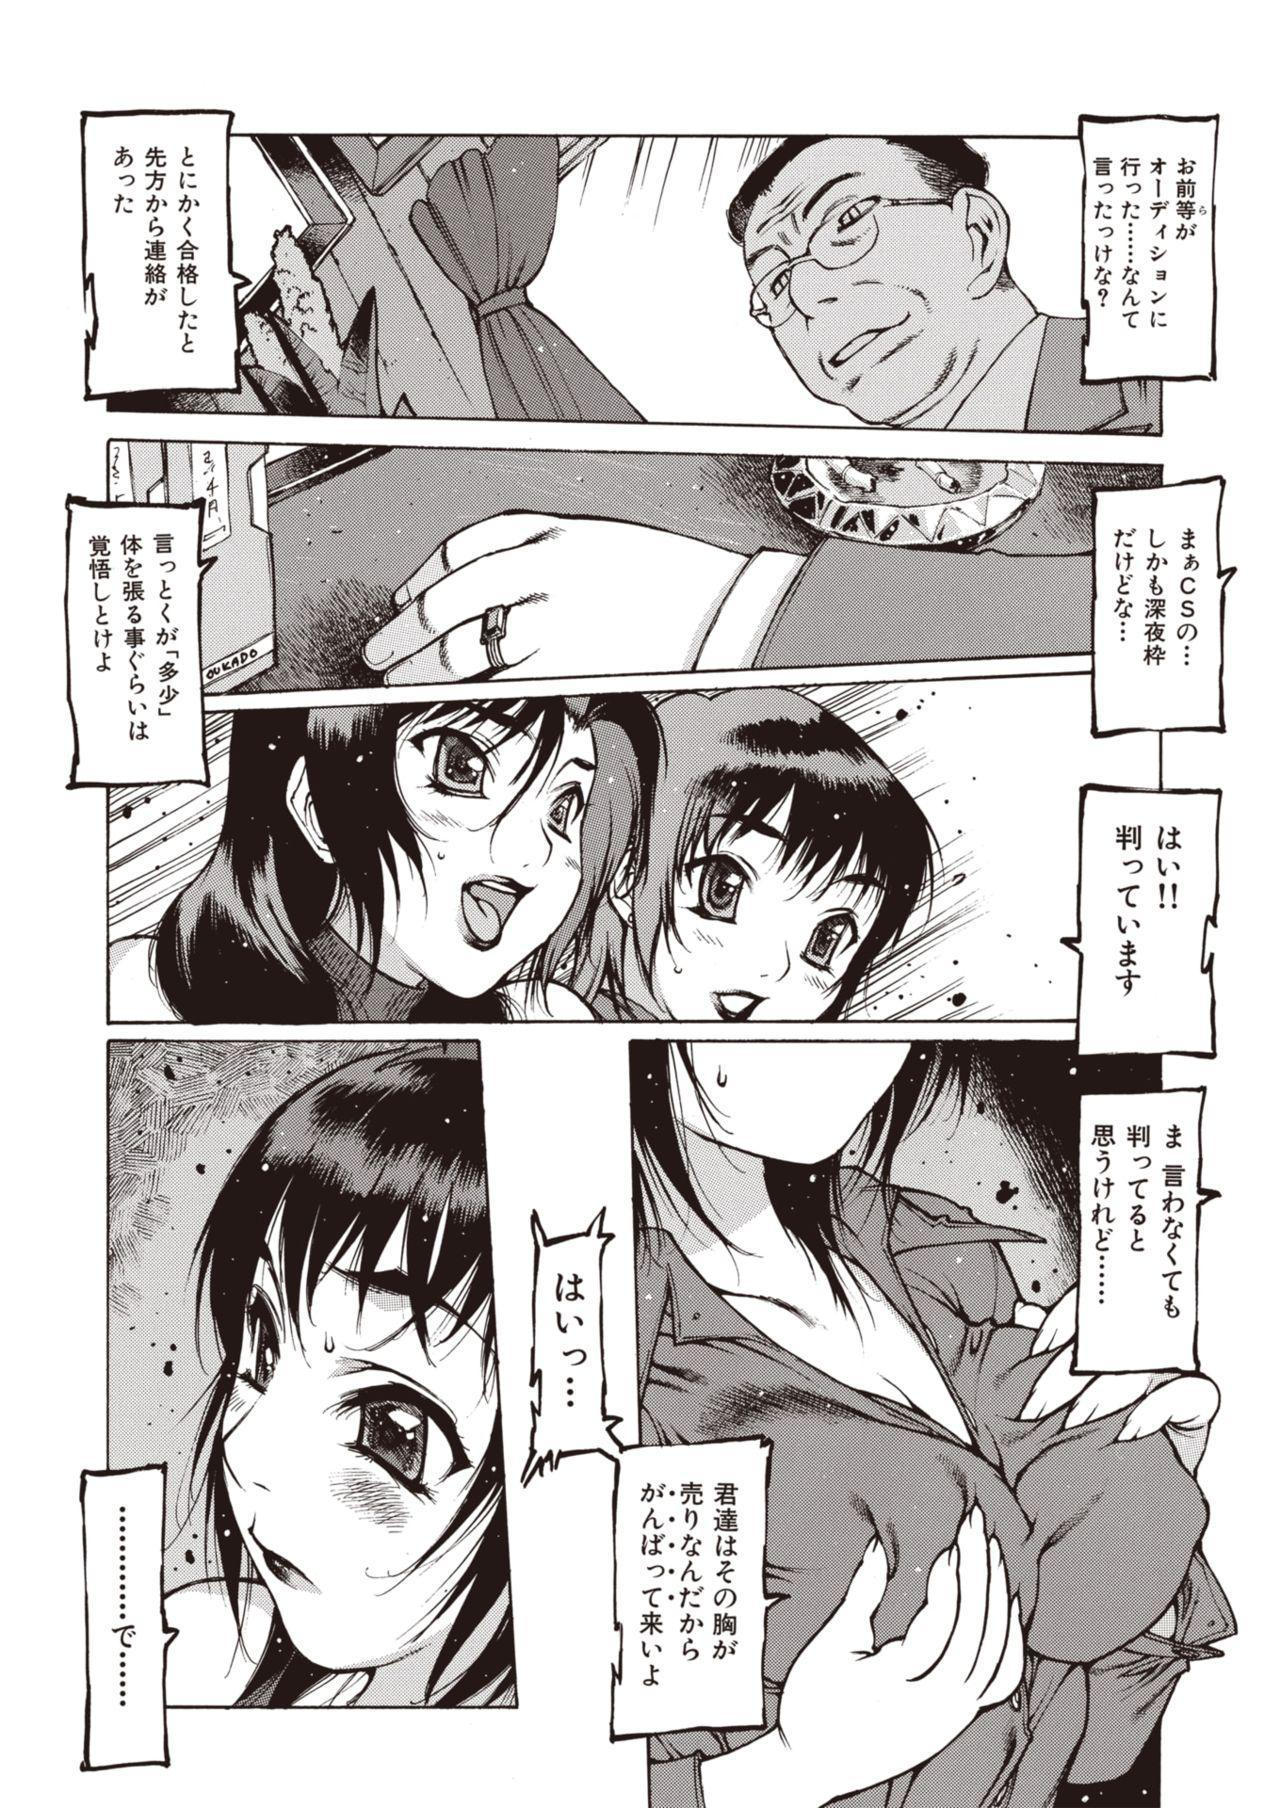 COMIC Kairakuten 25 Shuunen kinen tokubetsugou 113